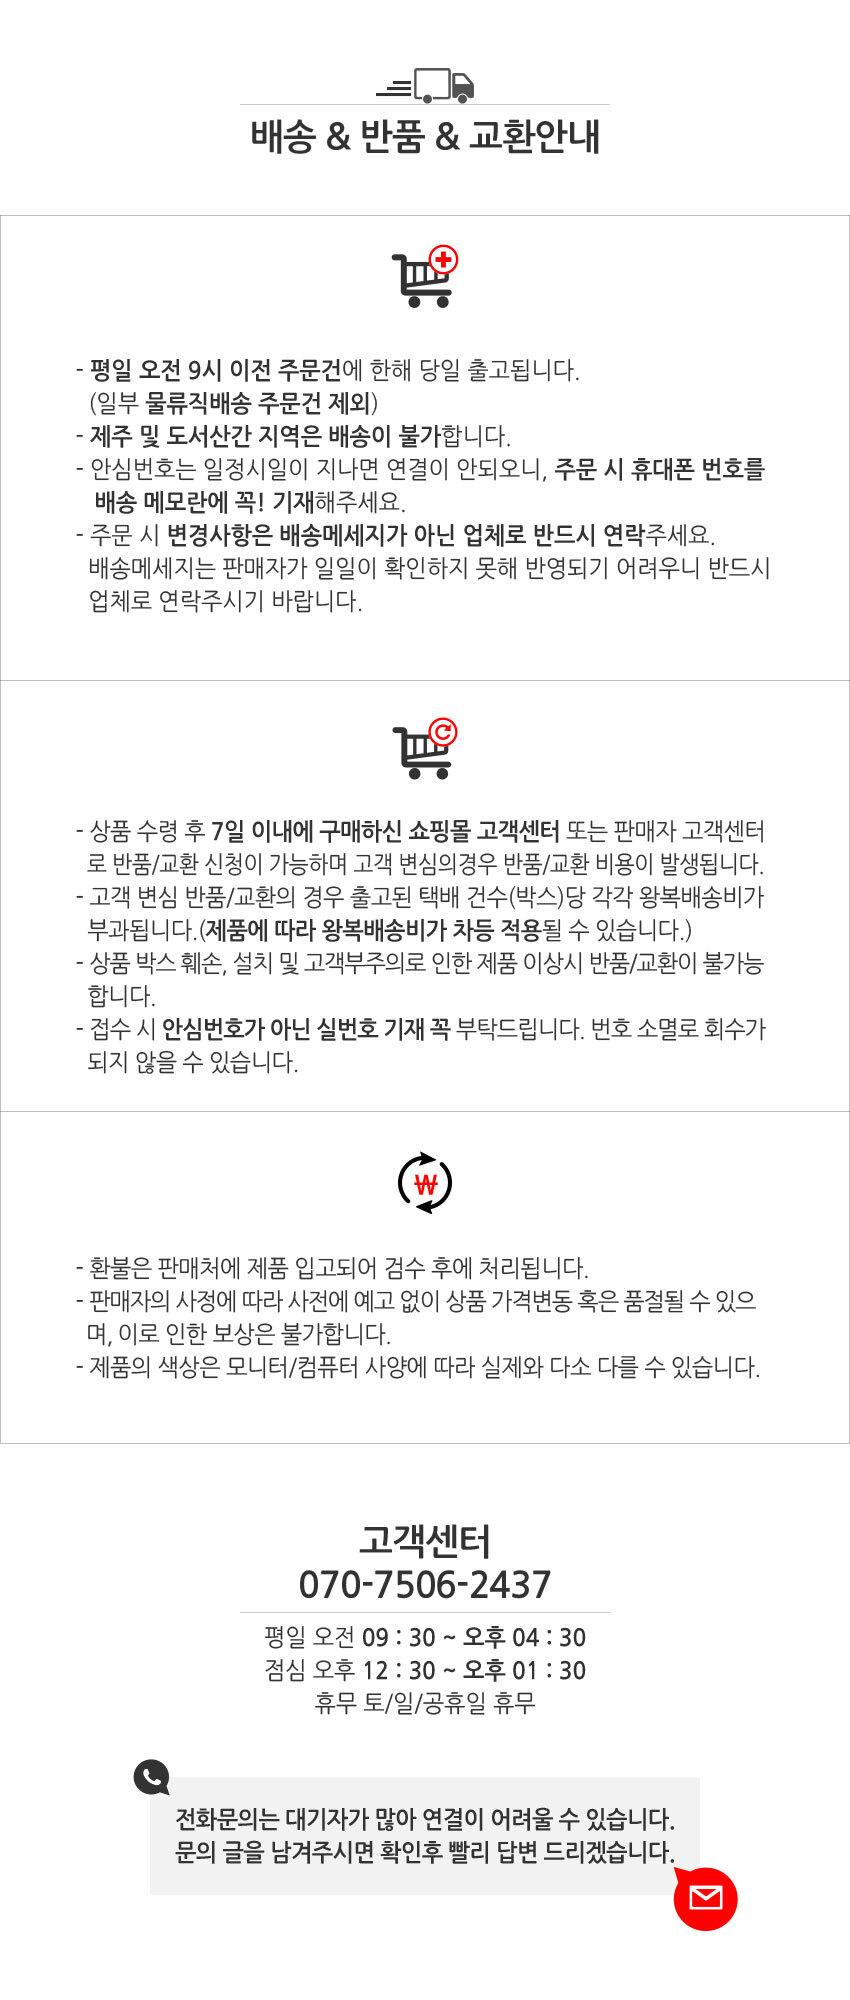 6단 서류함 서랍형 - 포메리트, 42,900원, 데스크정리, 서류/파일홀더